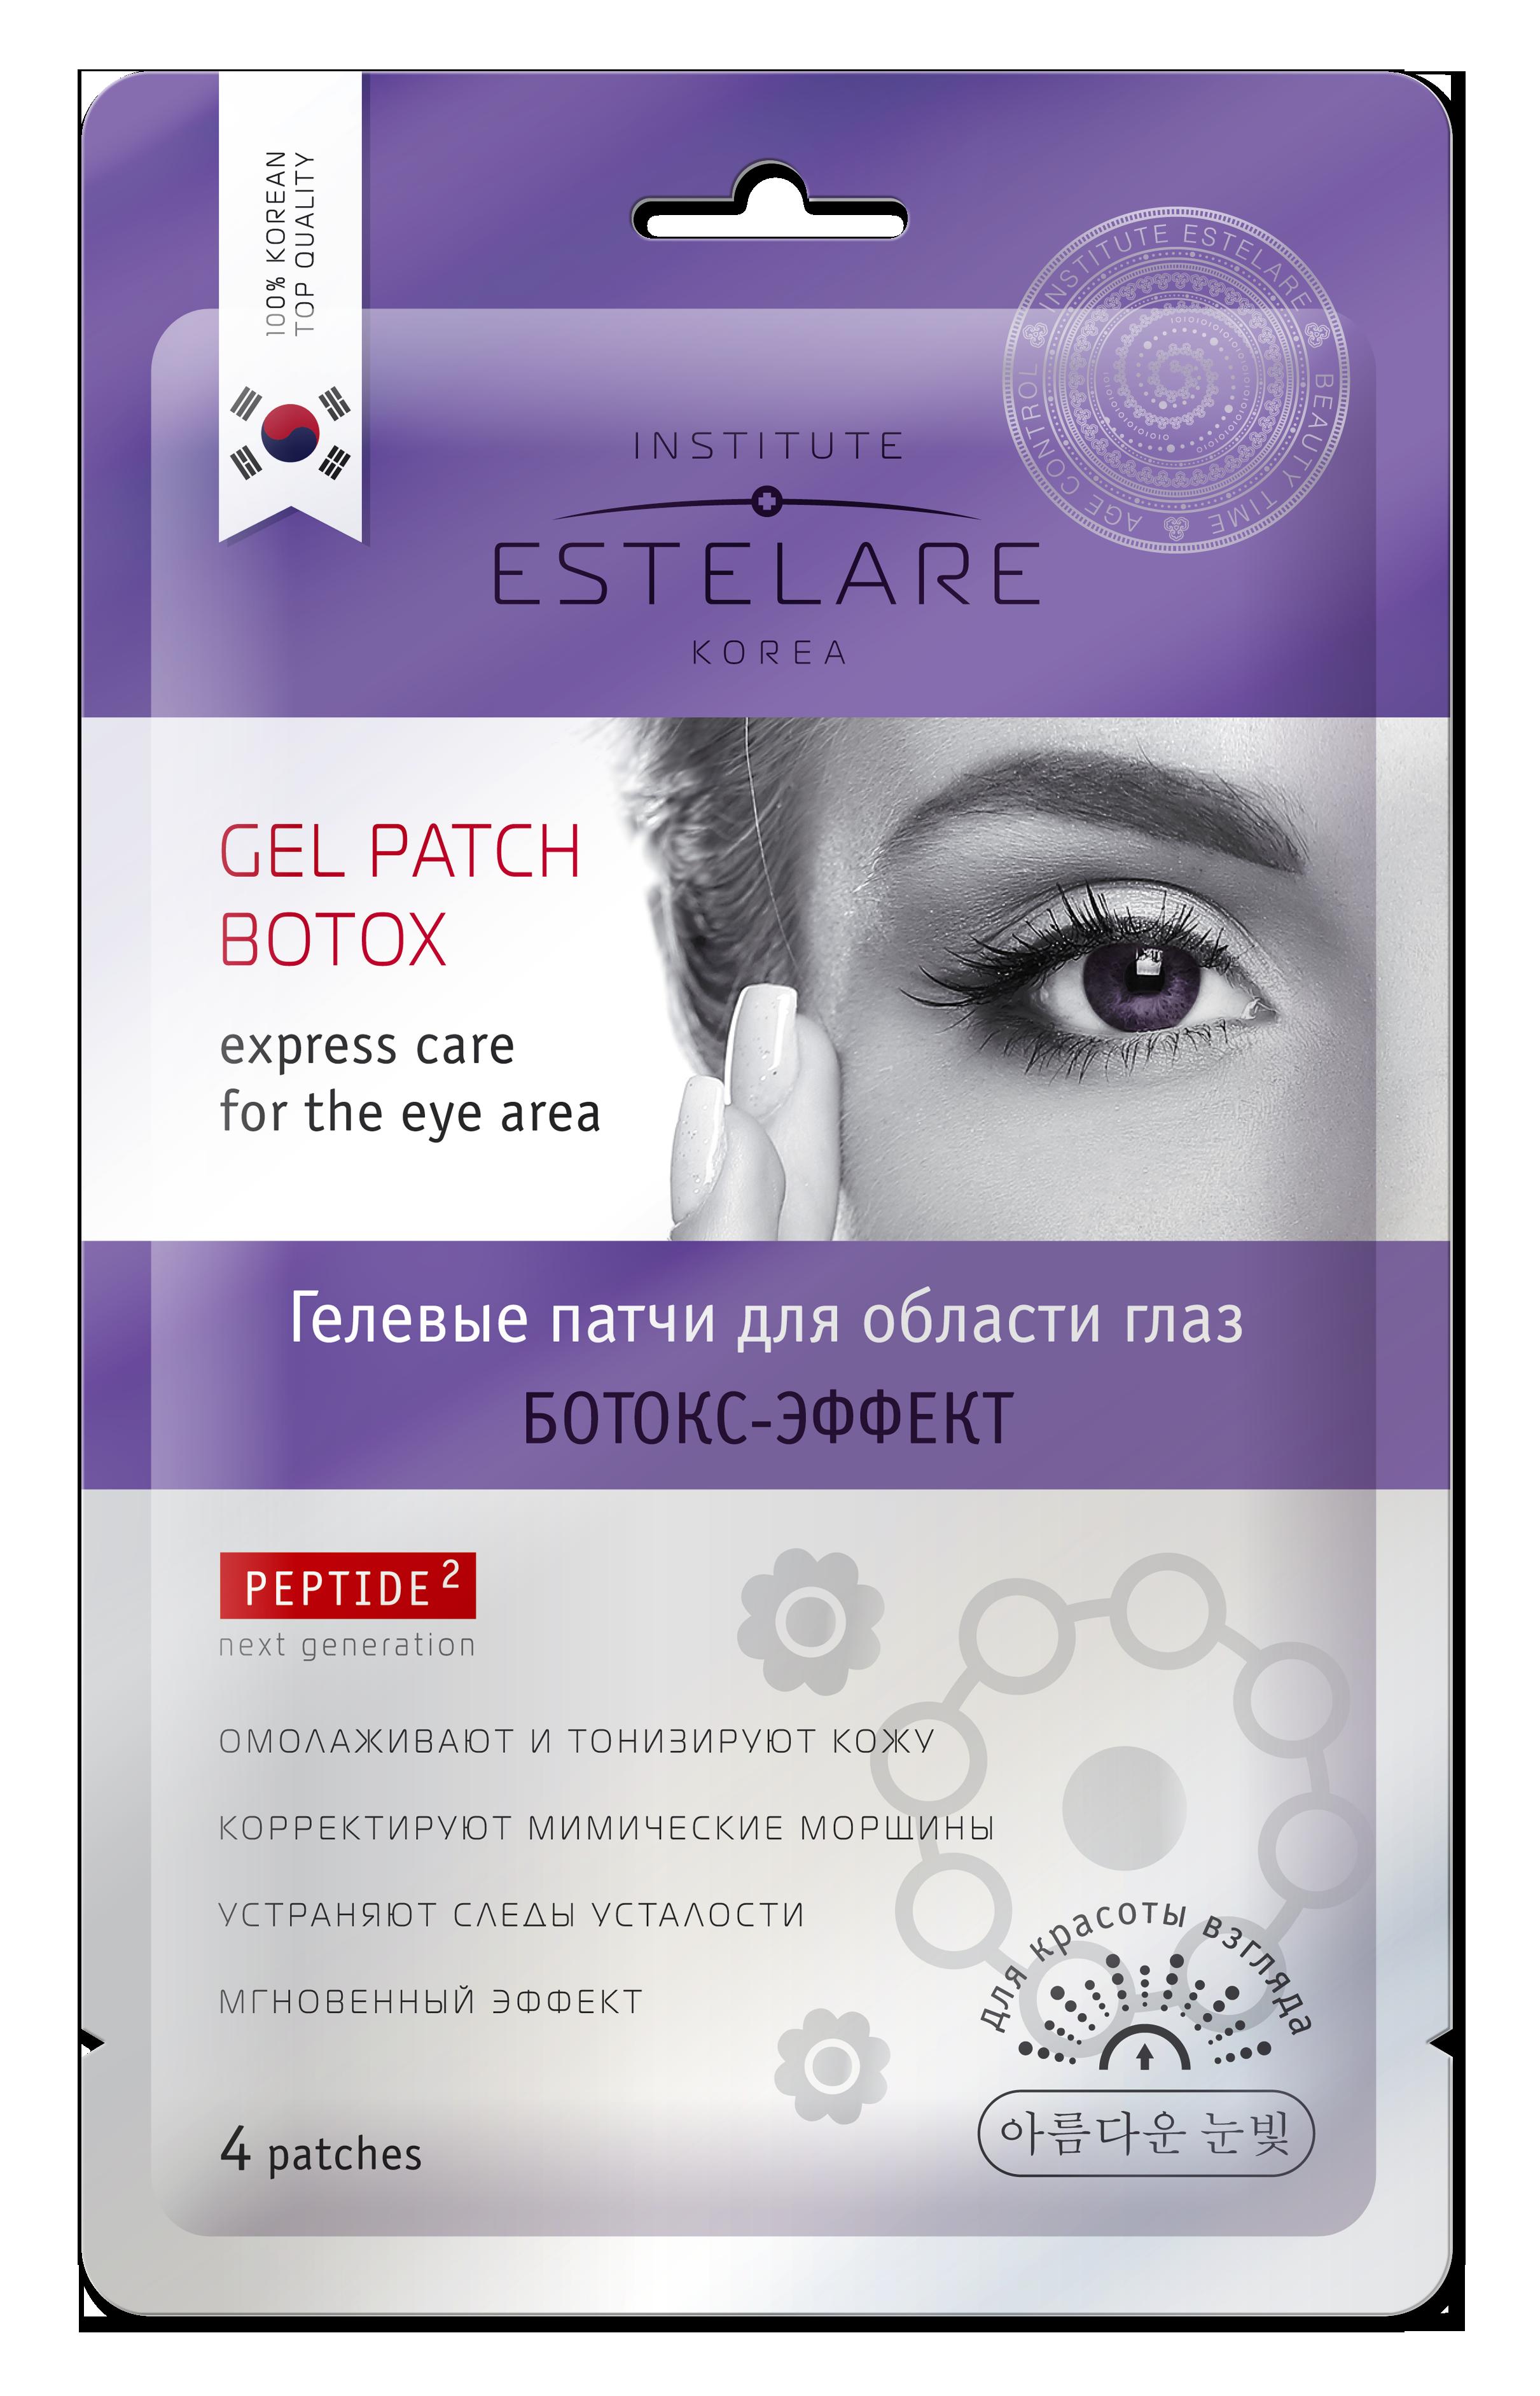 SHARY Патчи гелевые для области глаз Ботокс-эффект / ESTELARE 1г х 4 штПатчи<br>Гелевые патчи эффективное средство для коррекции мимических морщин, возвращения свежего вида и яркого взгляда. Разглаживают и укрепляют тонкую кожу, избавляют от усталости, темных кругов и отечности под глазами. В основе лежит уникальная антивозрастная технология, основанная на сочетании пептидов - аргирелина и матриксила, коллагена и комплекса экстрактов. Высокотехнологичная система доставки питательных веществ в глубокие слои кожи обеспечивает немедленный и продолжительный эффект. Аргирелин проникает в базальный слой эпидермиса и воздействует на нервные окончания, расслабляя мышцы, что приводит к разглаживанию кожных покровов и уменьшению глубины морщин. Матриксил стимулирует восстановление структурных элементов дермы - коллагена и эластина, кондиционирует кожу, оказывает омолаживающие действие. Активные ингредиенты.&amp;nbsp;Состав: Water, Glycerin, Sodium Polyacrylate, Carbomer, Chndrus Crispus (Carrageenan), Butylene Glycol, Aluminum Glycinate, Tartaric Acid, Scutellaria Baicalensis Root Extract, Paeonia Suffruticosa Root Extract, Ethyl Hexanediol, Methylparaben, Titanium Dioxide, Disodium EDTA, Lithospermum Erythrorhizon Root Extract, Centella Asiatica Extract, Aloe Barbadensis Leaf Extract, Pentylene Glycol, Soluble Collagen, Polysorbate 20, Phenoxyethanol, Acetyl Hexapeptide-8, Palmitoyl Pentapeptide-4. Способ применения: патчи могут быть использованы для носогубной области. Размер и форма специально разработаны с учетом анатомических особенностей контура глаз и носогубных складок.<br><br>Типы кожи: Для всех типов